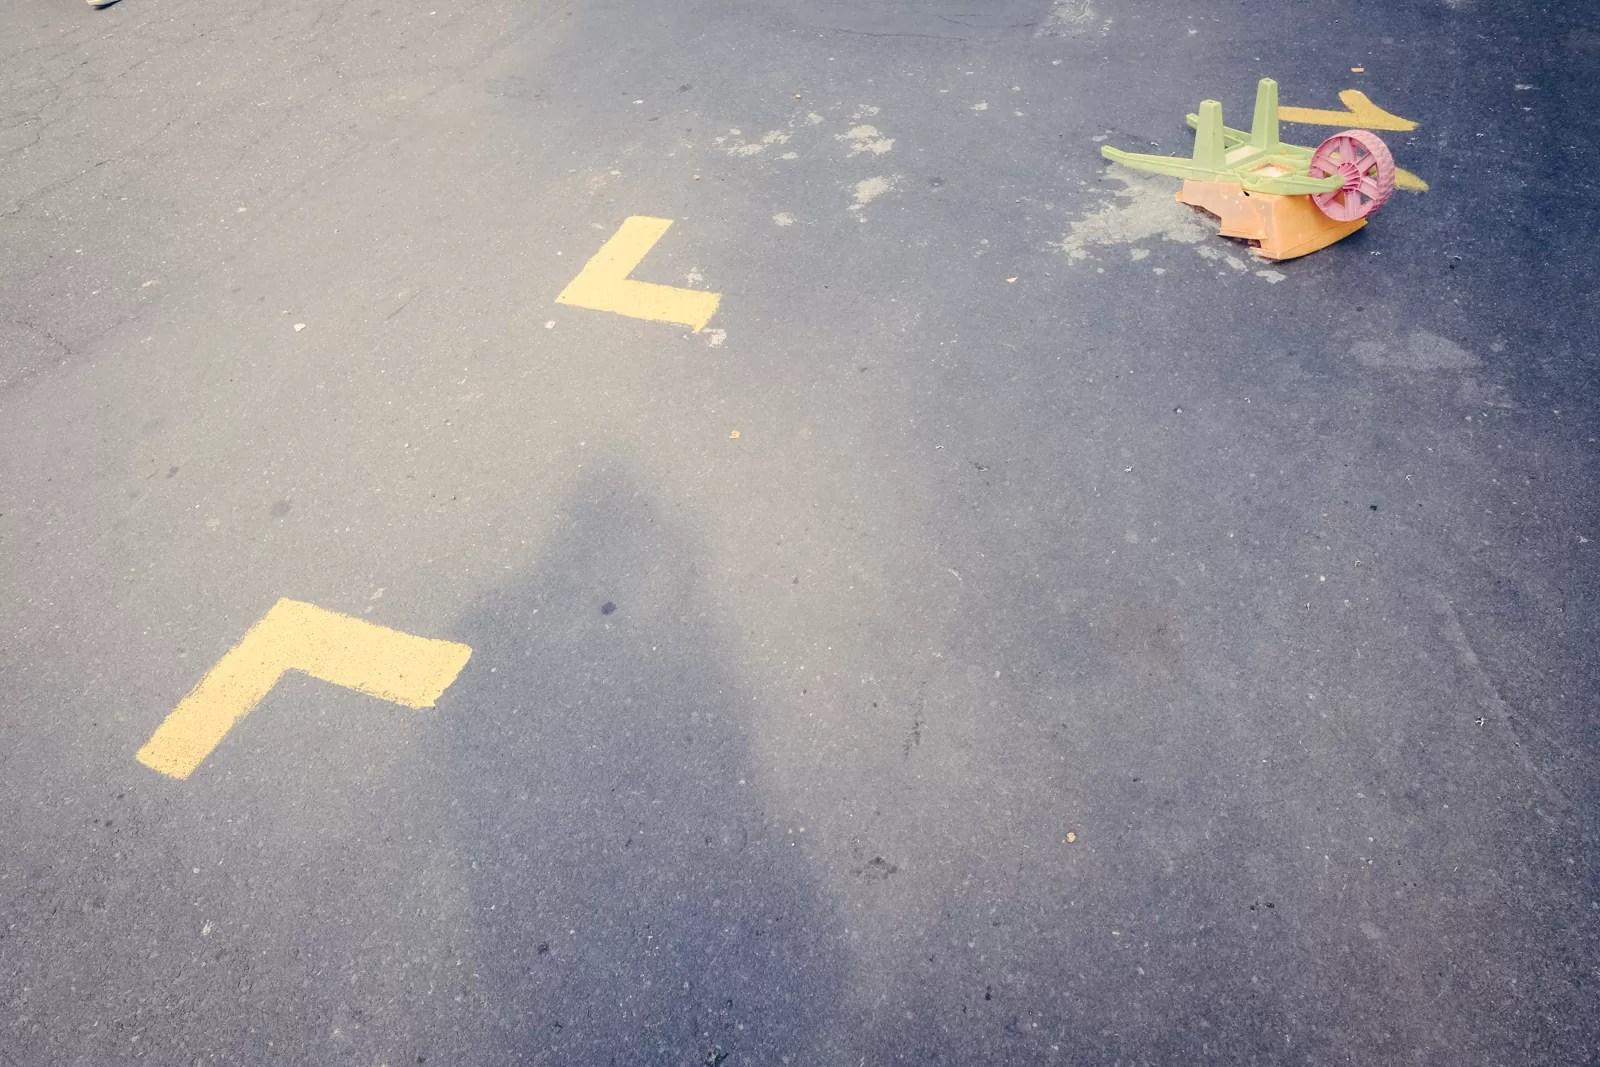 DSCF1612 - La street photography si pratica non si teorizza! - fotostreet.it